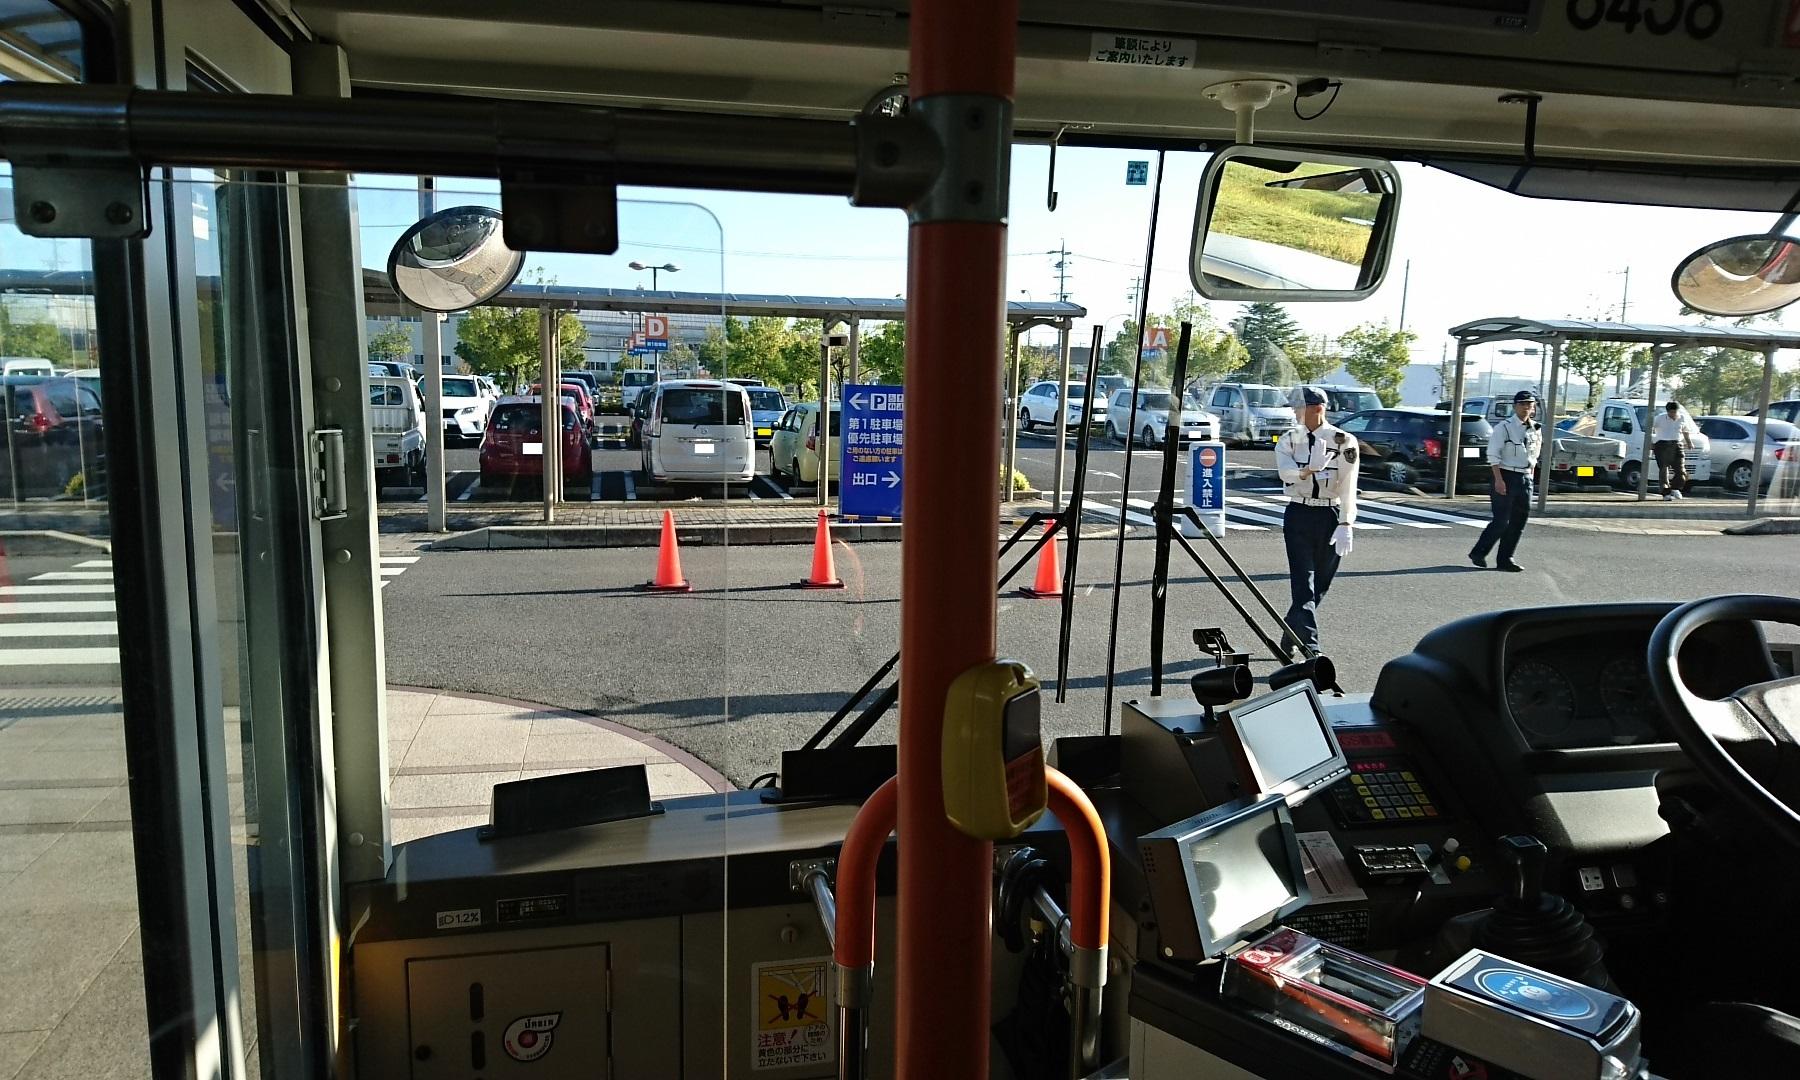 2016.10.18 名鉄バス (2) 更生病院しゅっぱつ 1800-1080